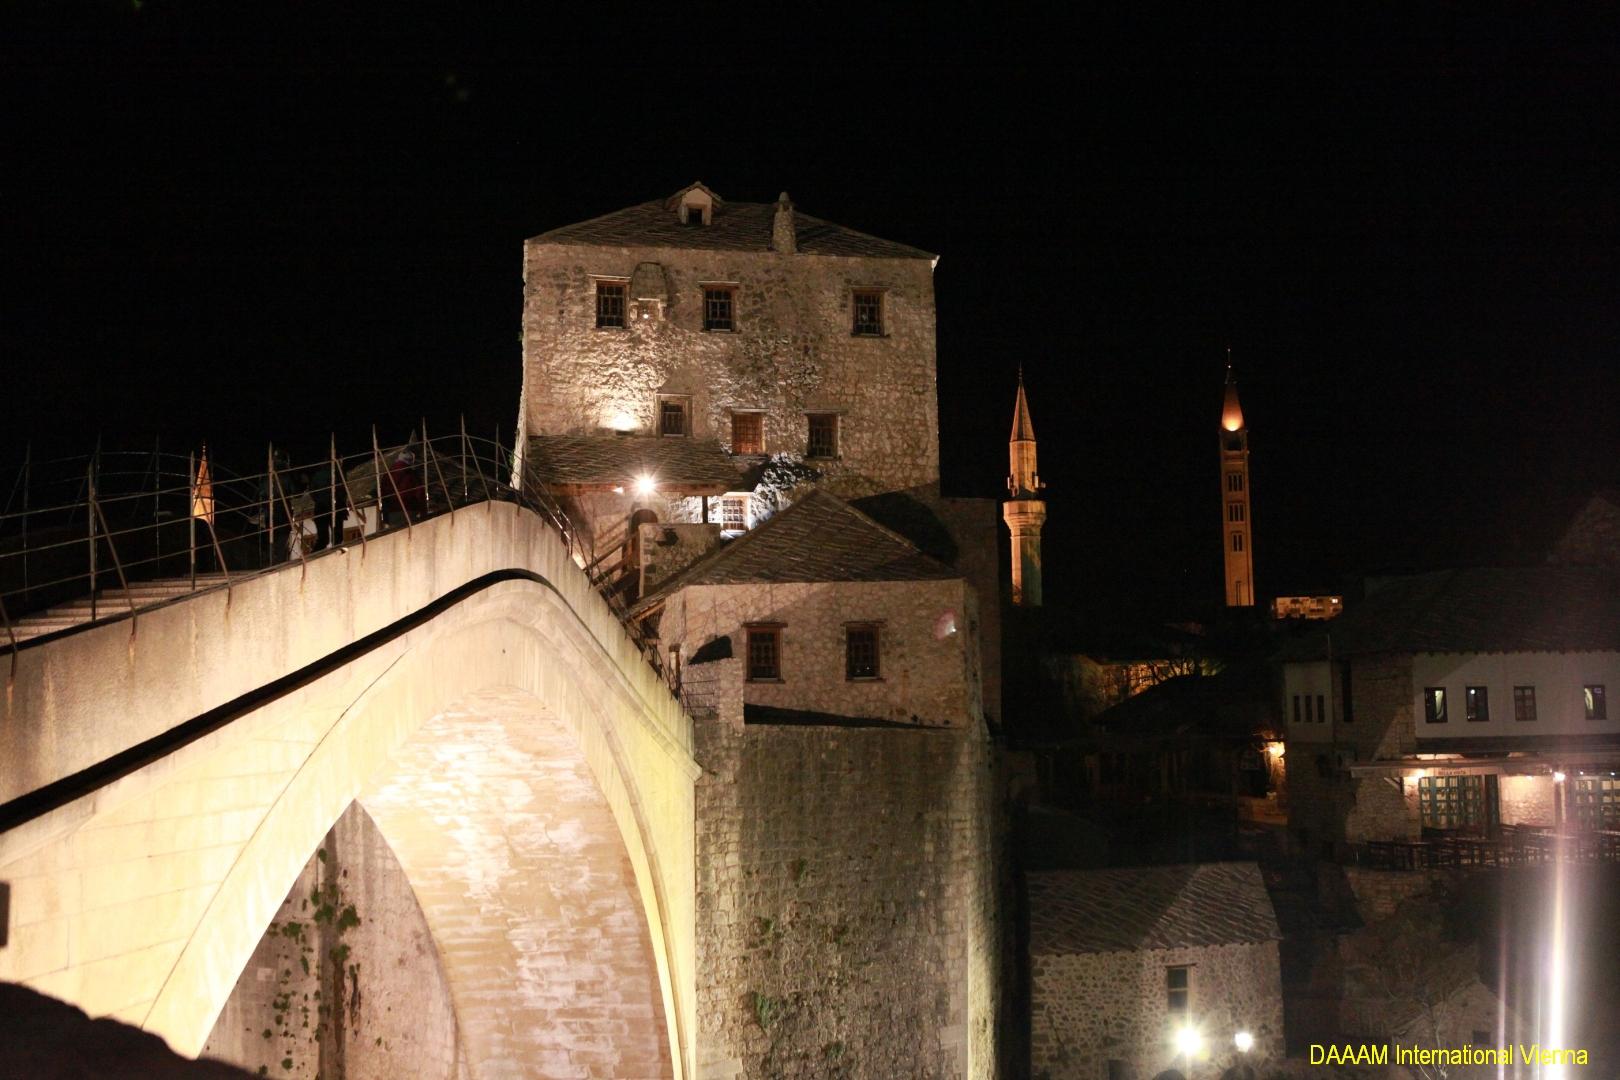 DAAAM_2016_Mostar_01_Magic_City_of_Mostar_210